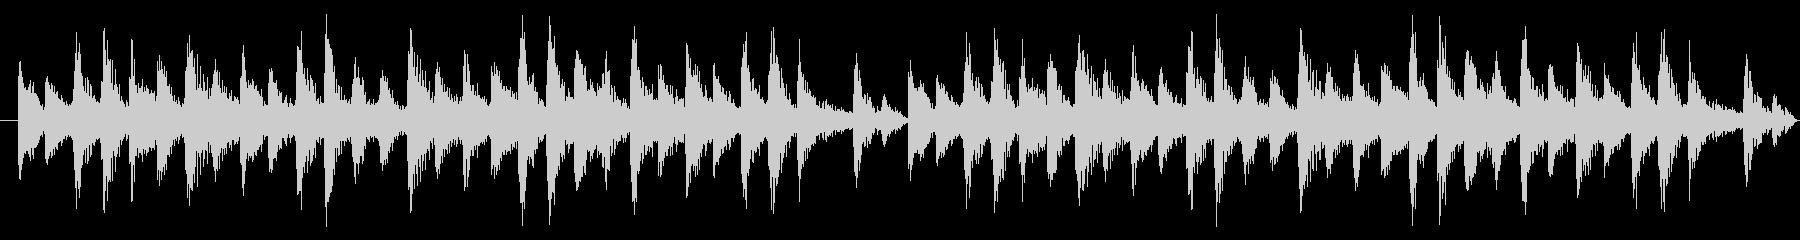 和風BGM_シンキングTime考え中の未再生の波形